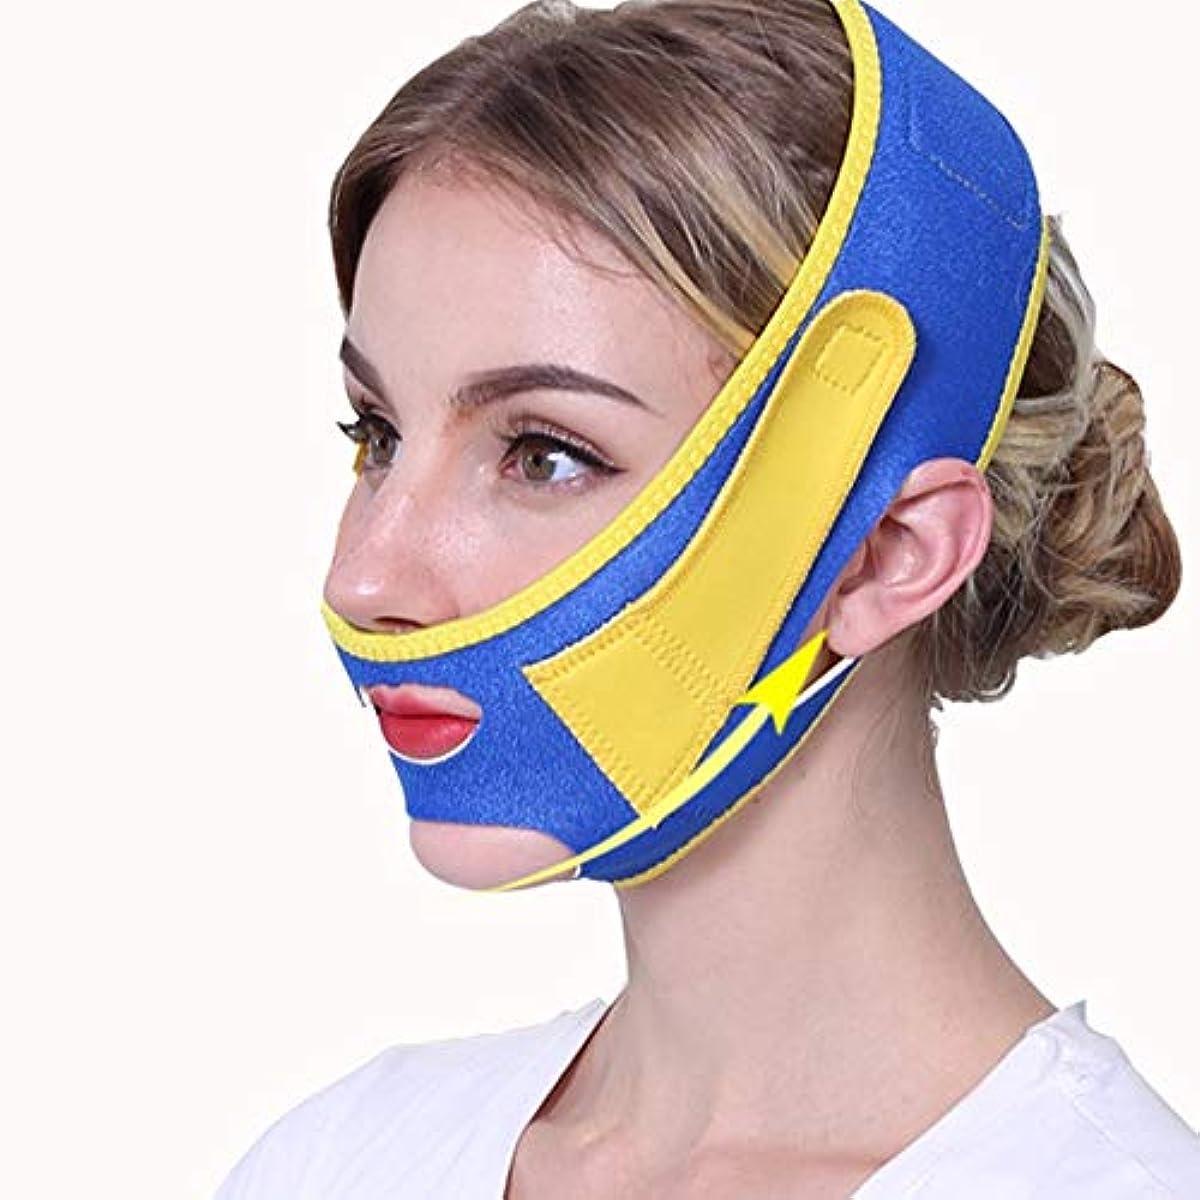 反発溶接なだめるMinmin フェイシャルリフティング痩身ベルトフェイス包帯マスク整形マスクフェイスベルトを引き締める薄型フェイス包帯整形マスクフェイスと首の顔を引き締めスリム みんみんVラインフェイスマスク